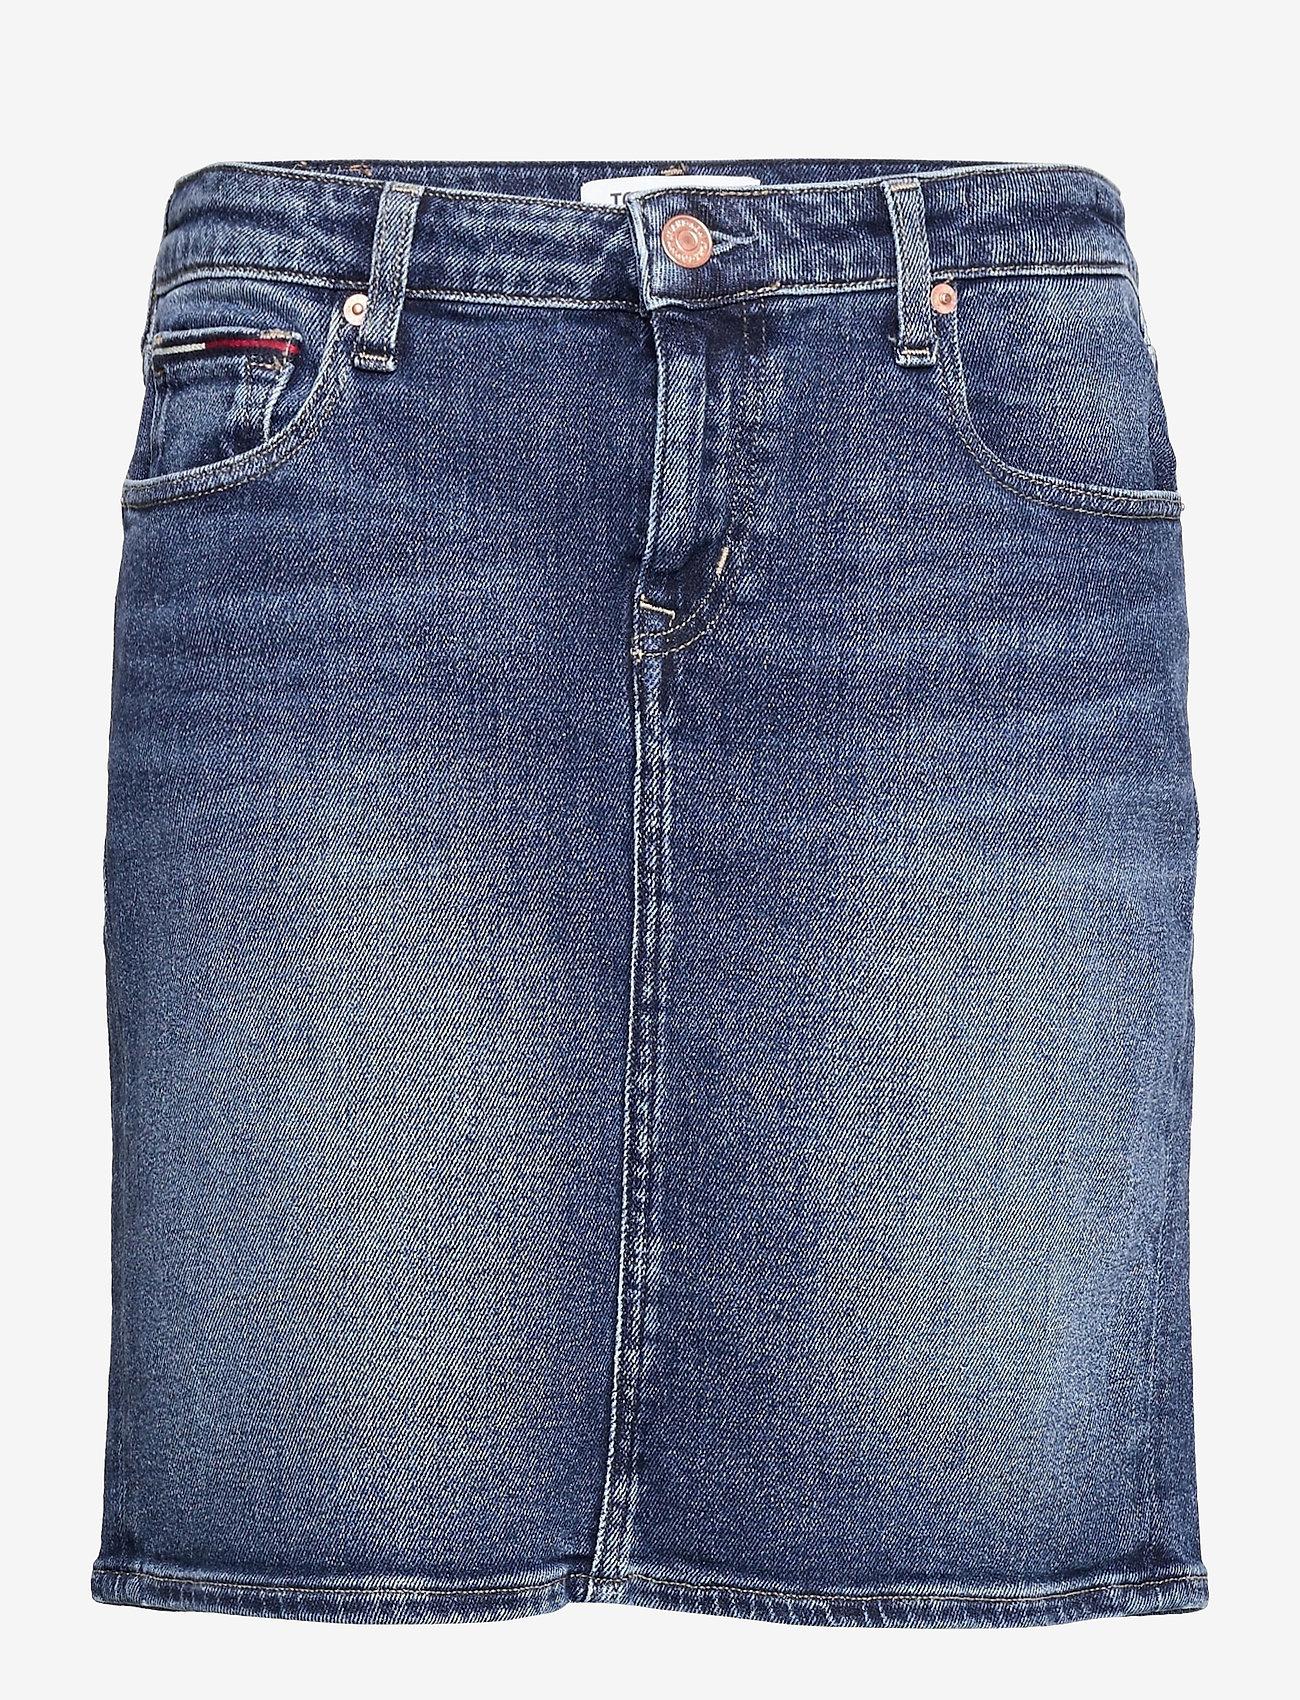 Tommy Jeans - CLASSIC DENIM SKIRT AMBS - jeanskjolar - arina mb str - 0